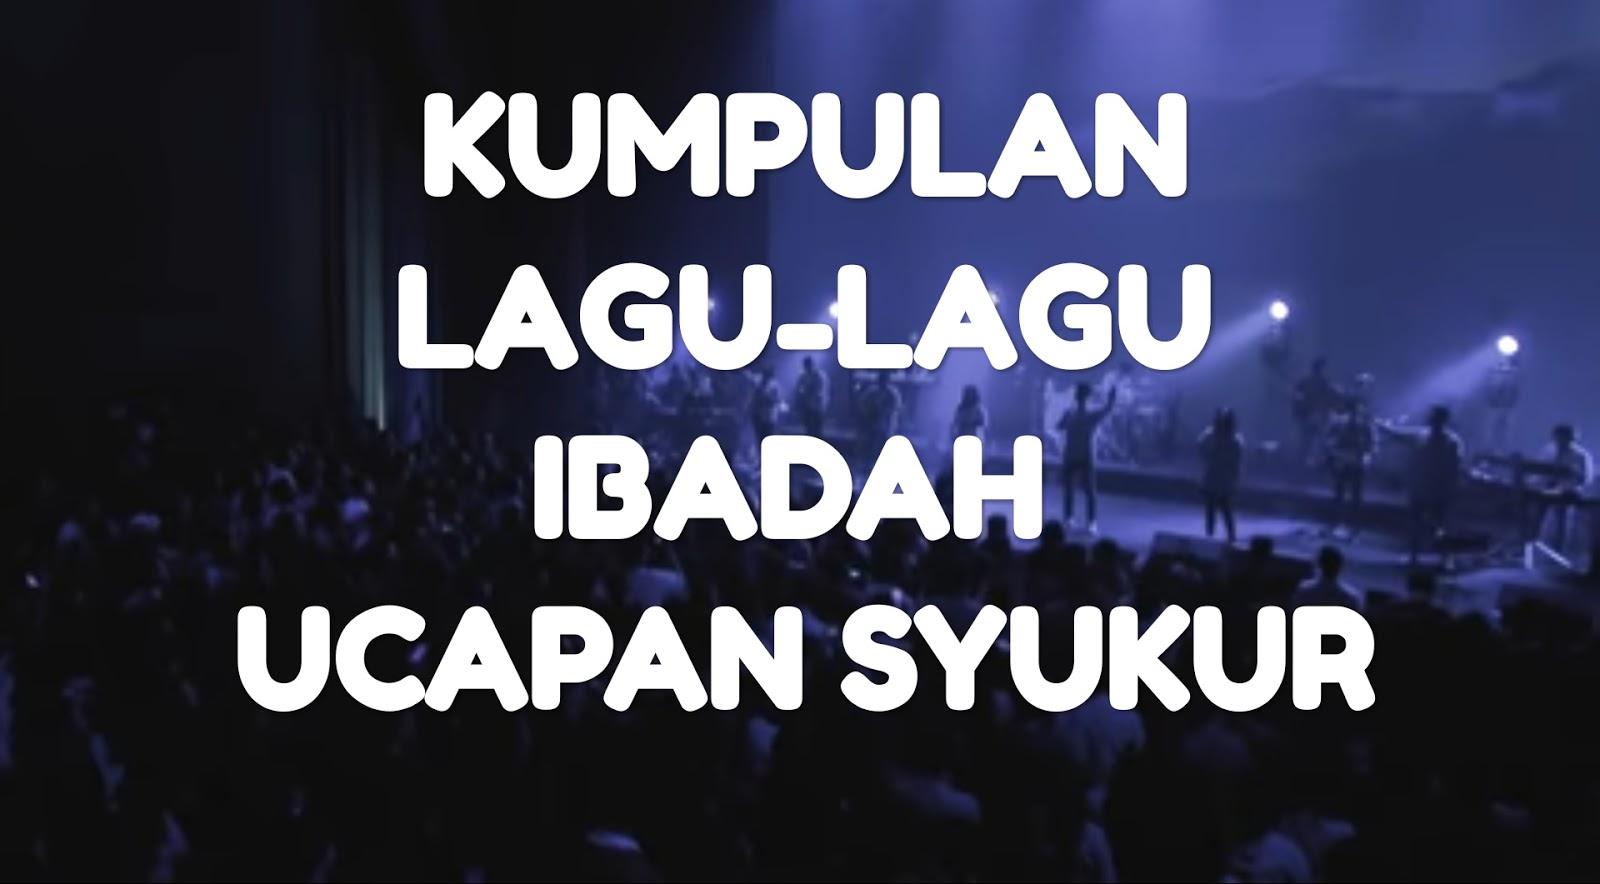 Kumpulan Lagu Lagu Ibadah Ucapan Syukur Hidup Kristen